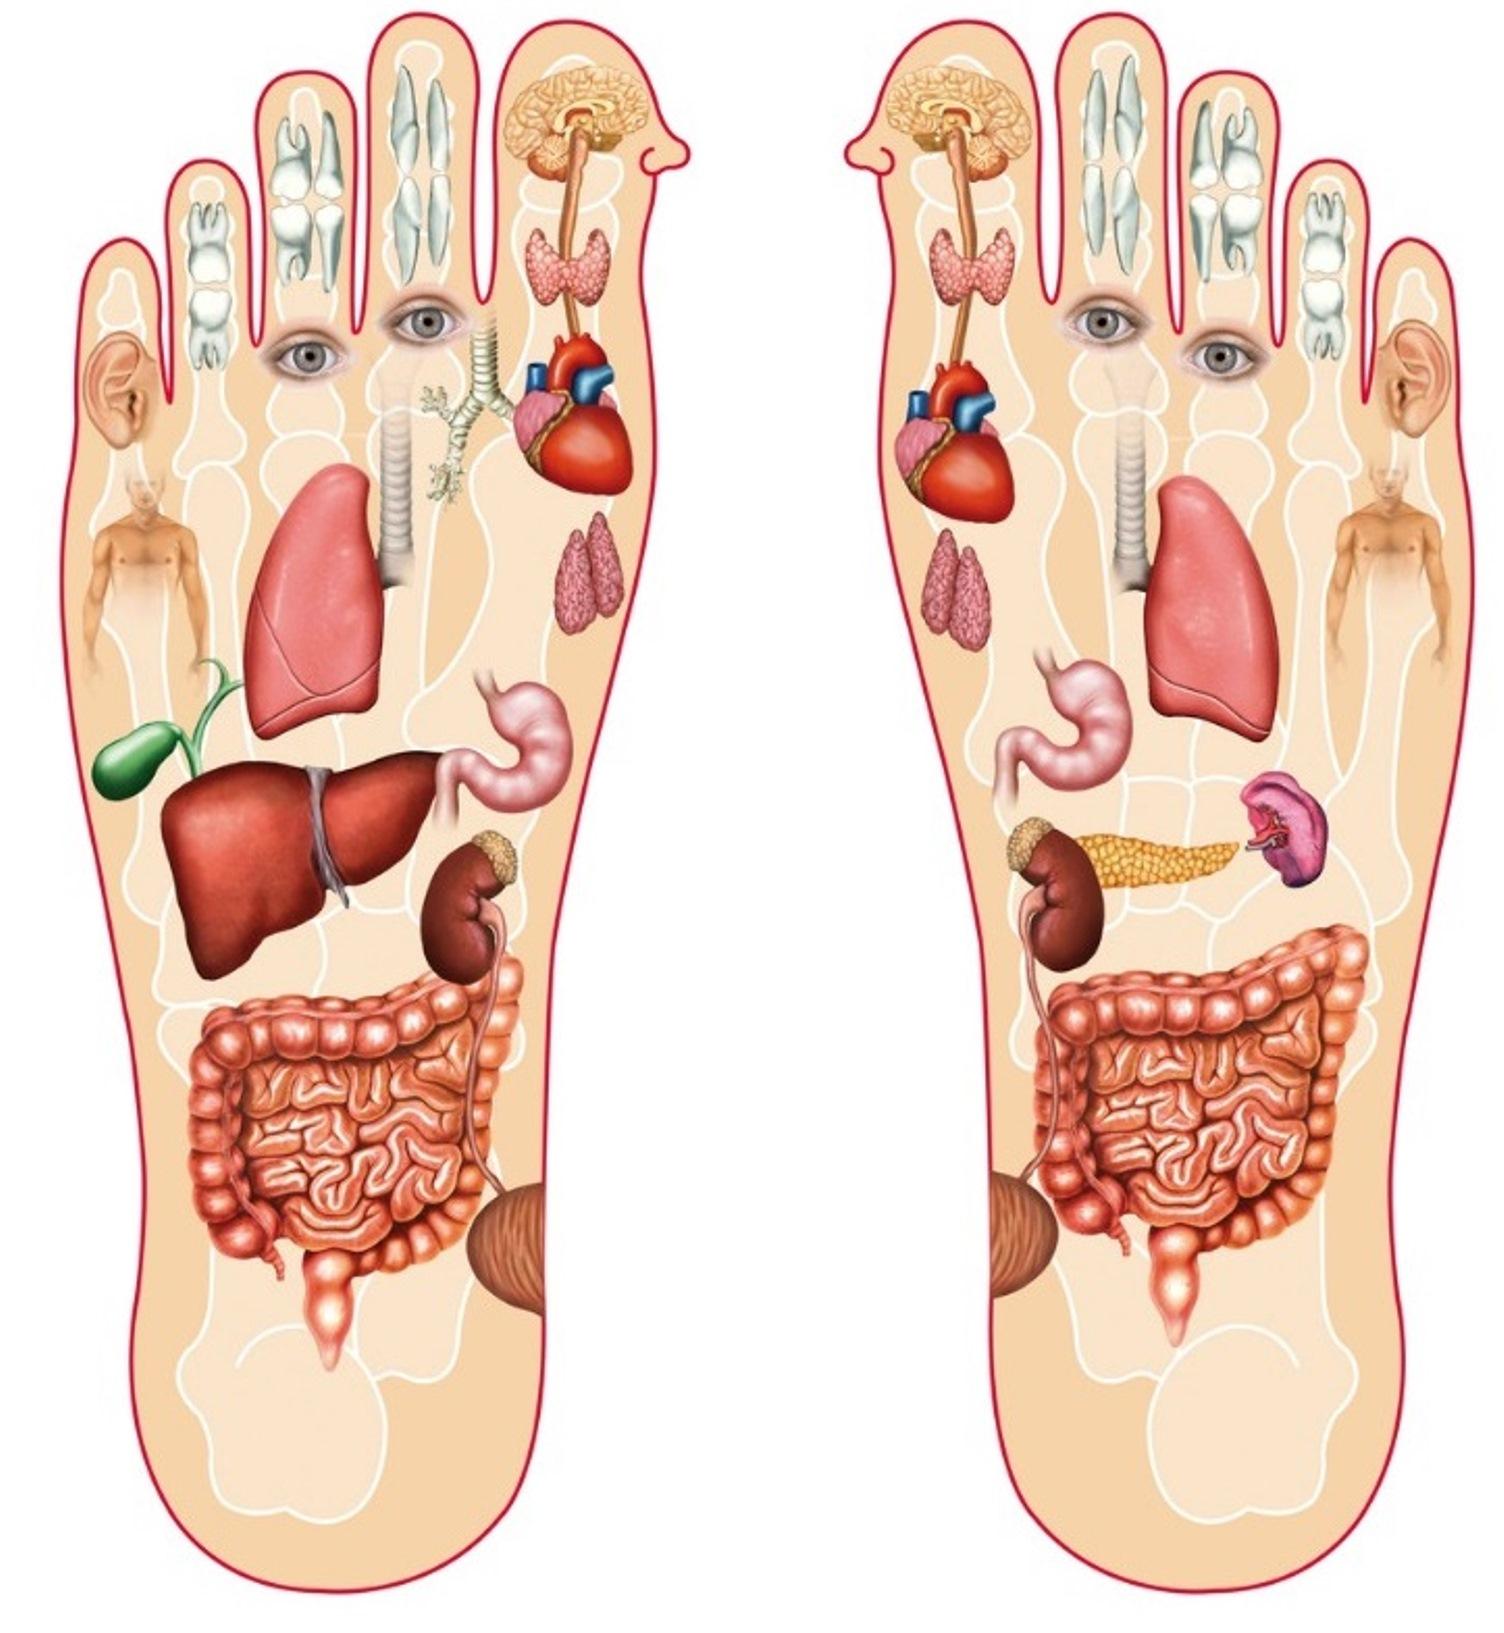 مواضع اعضاء الجسم في القدم